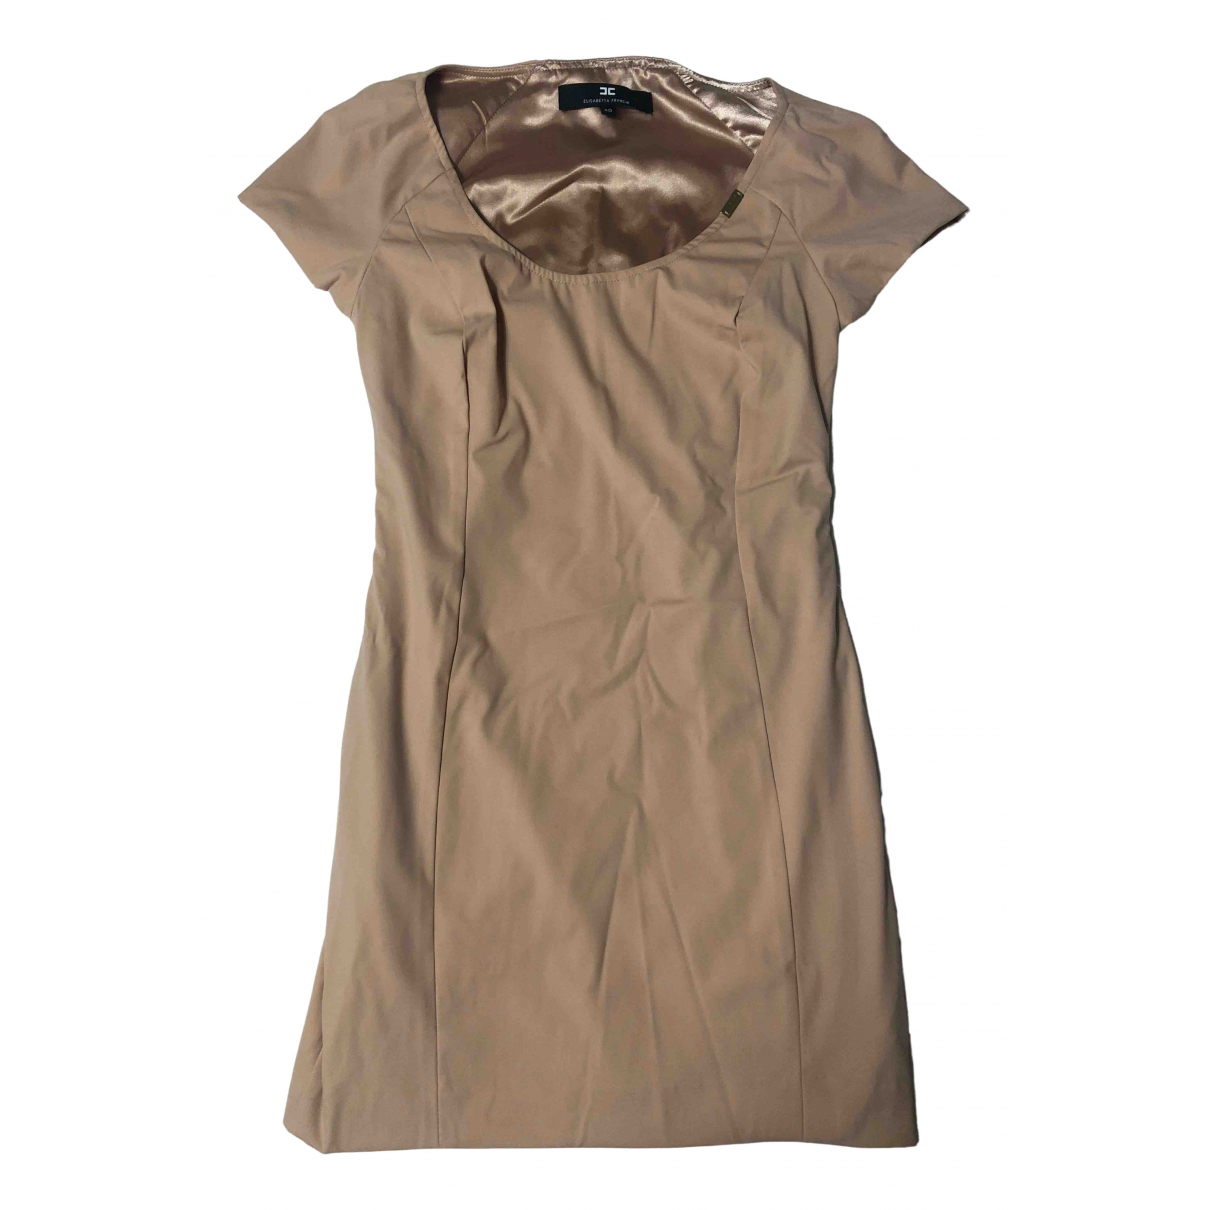 Elisabetta Franchi \N Pink dress for Women 40 IT